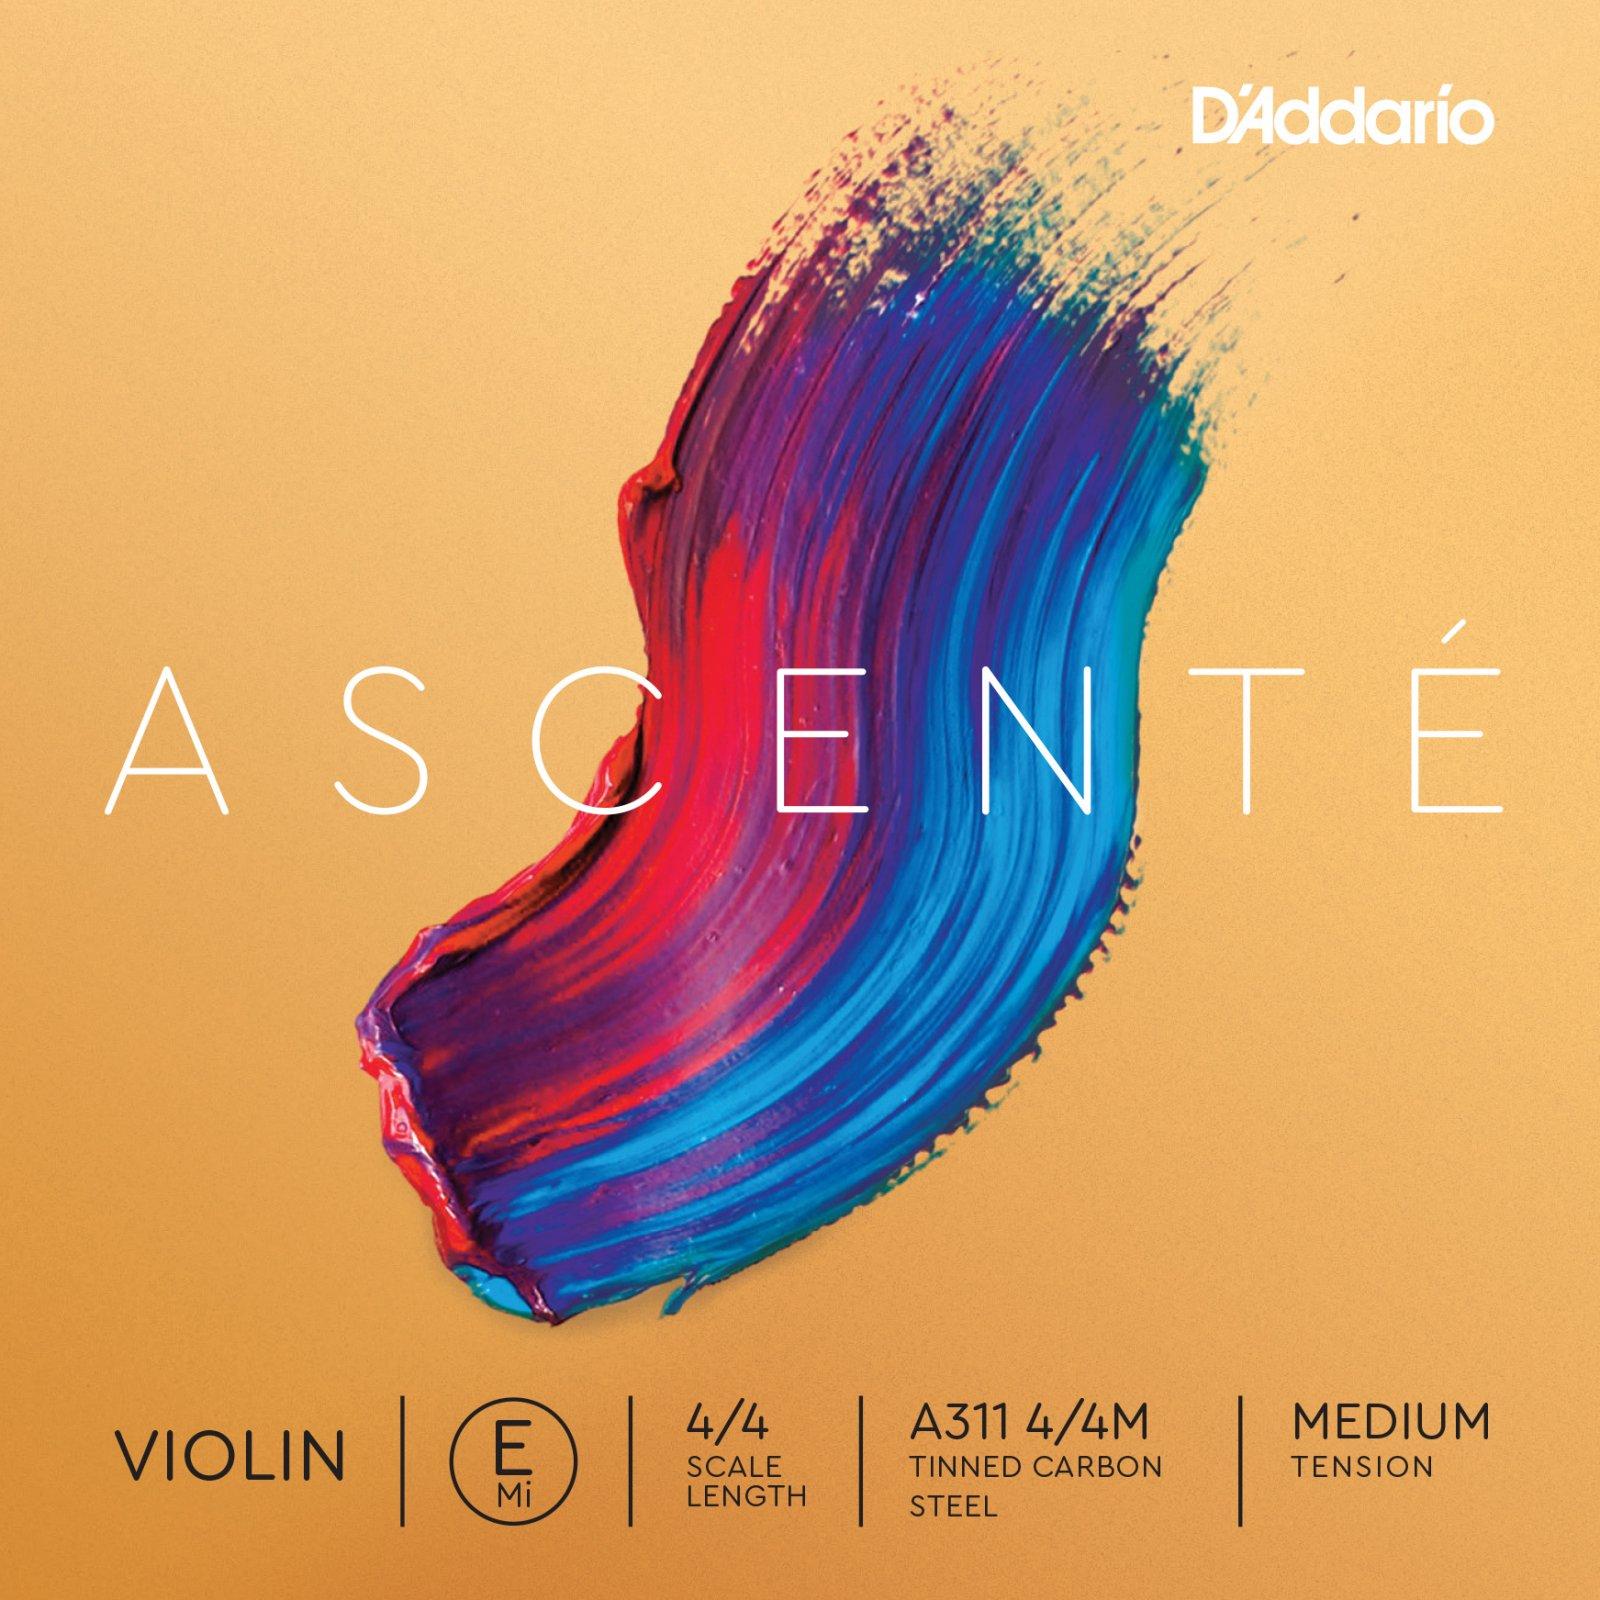 D'Addario Ascente Single E String - Medium Tension 4/4 3/4 1/2 (A311)